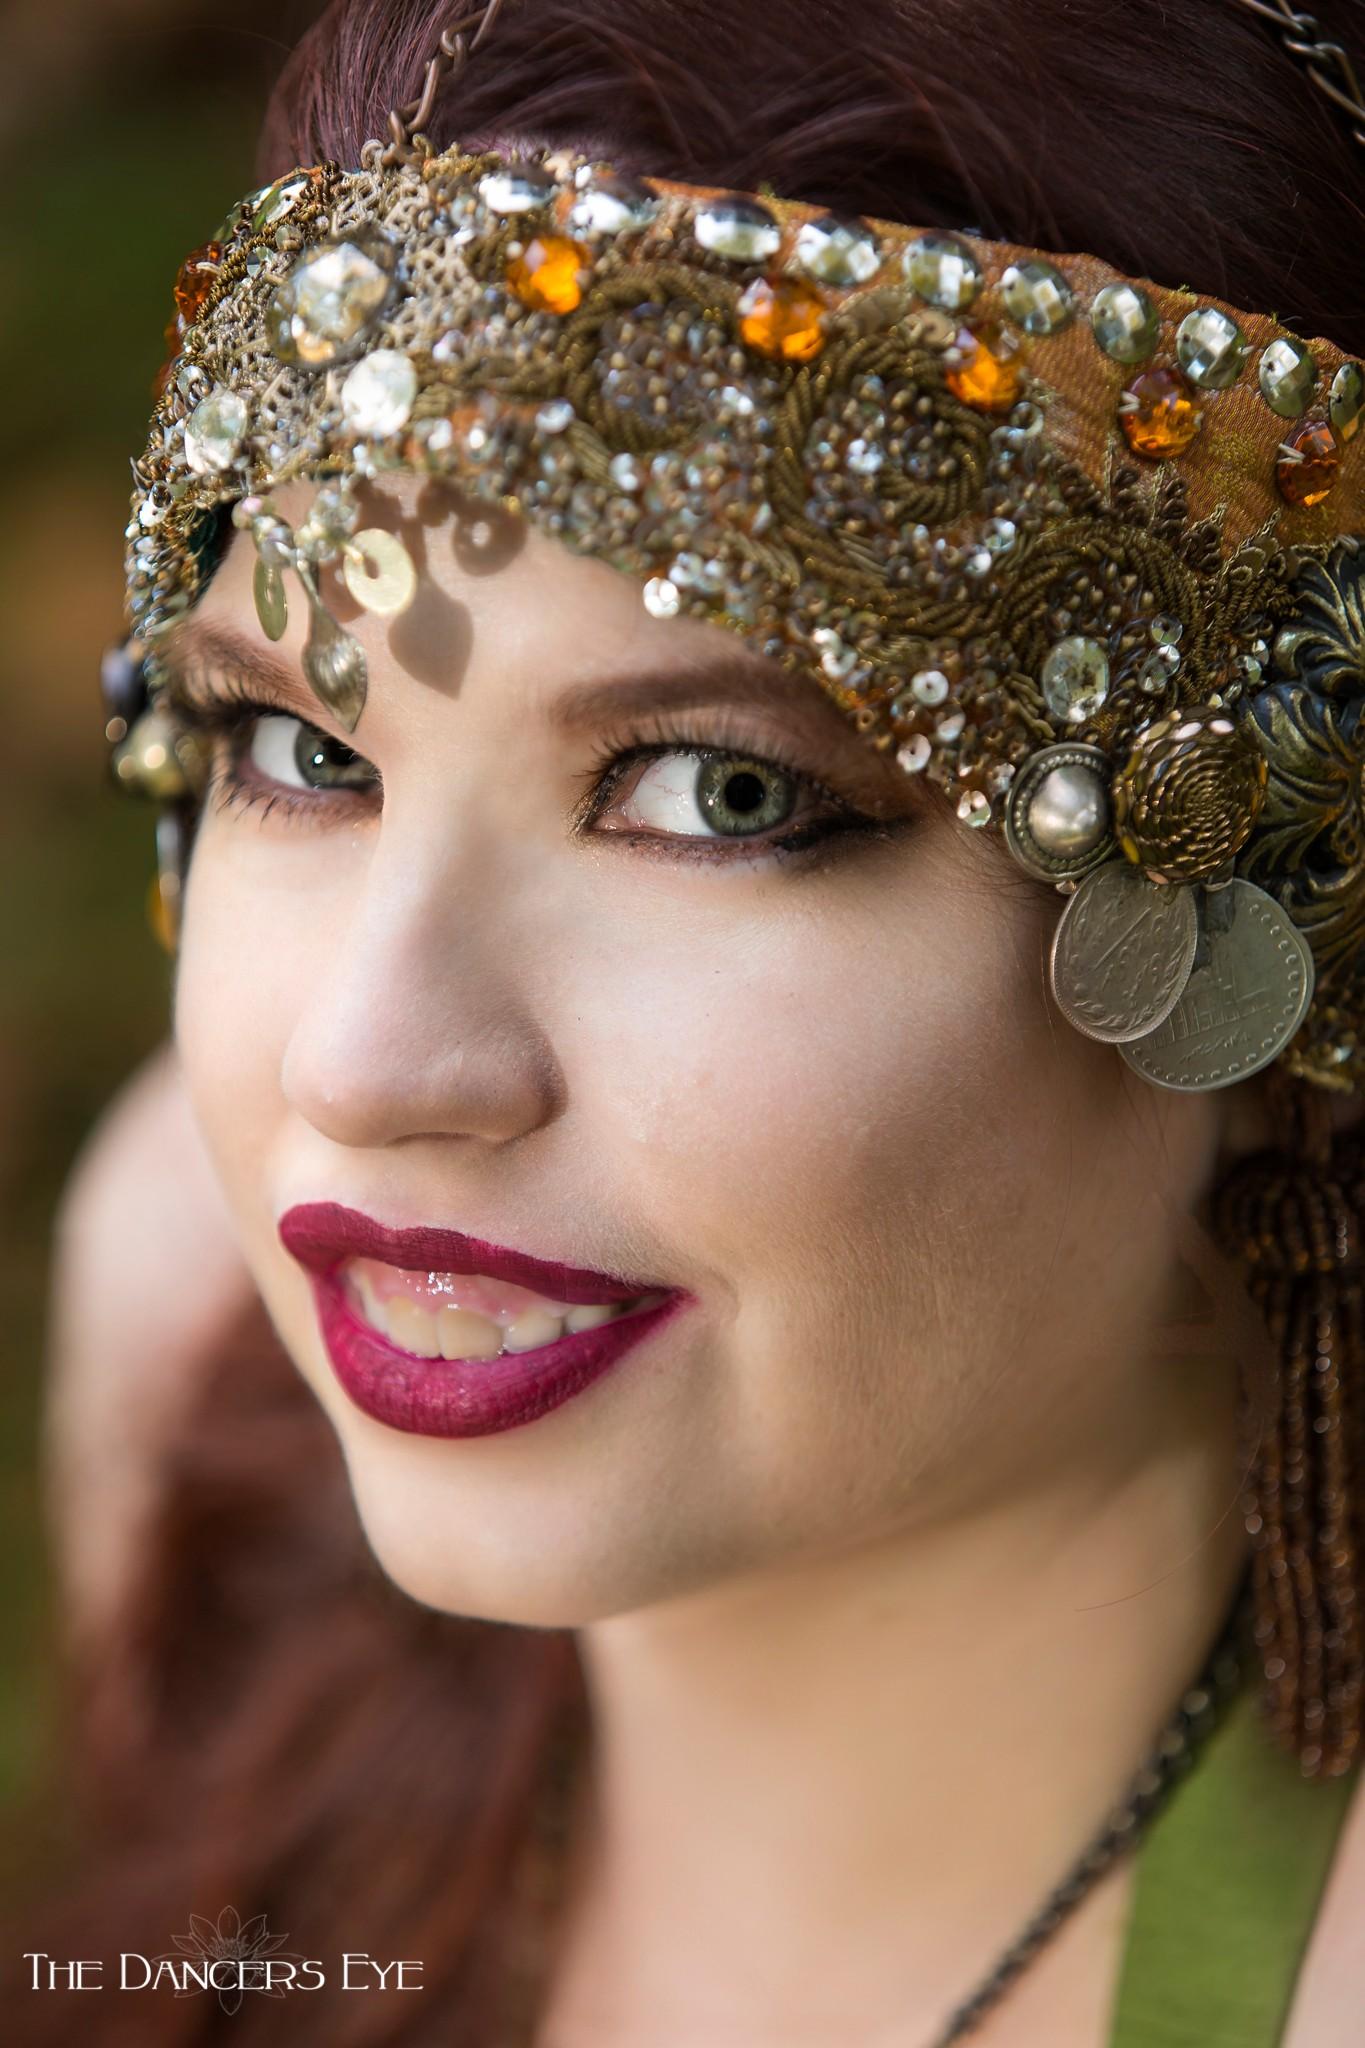 Sophia Ravenna